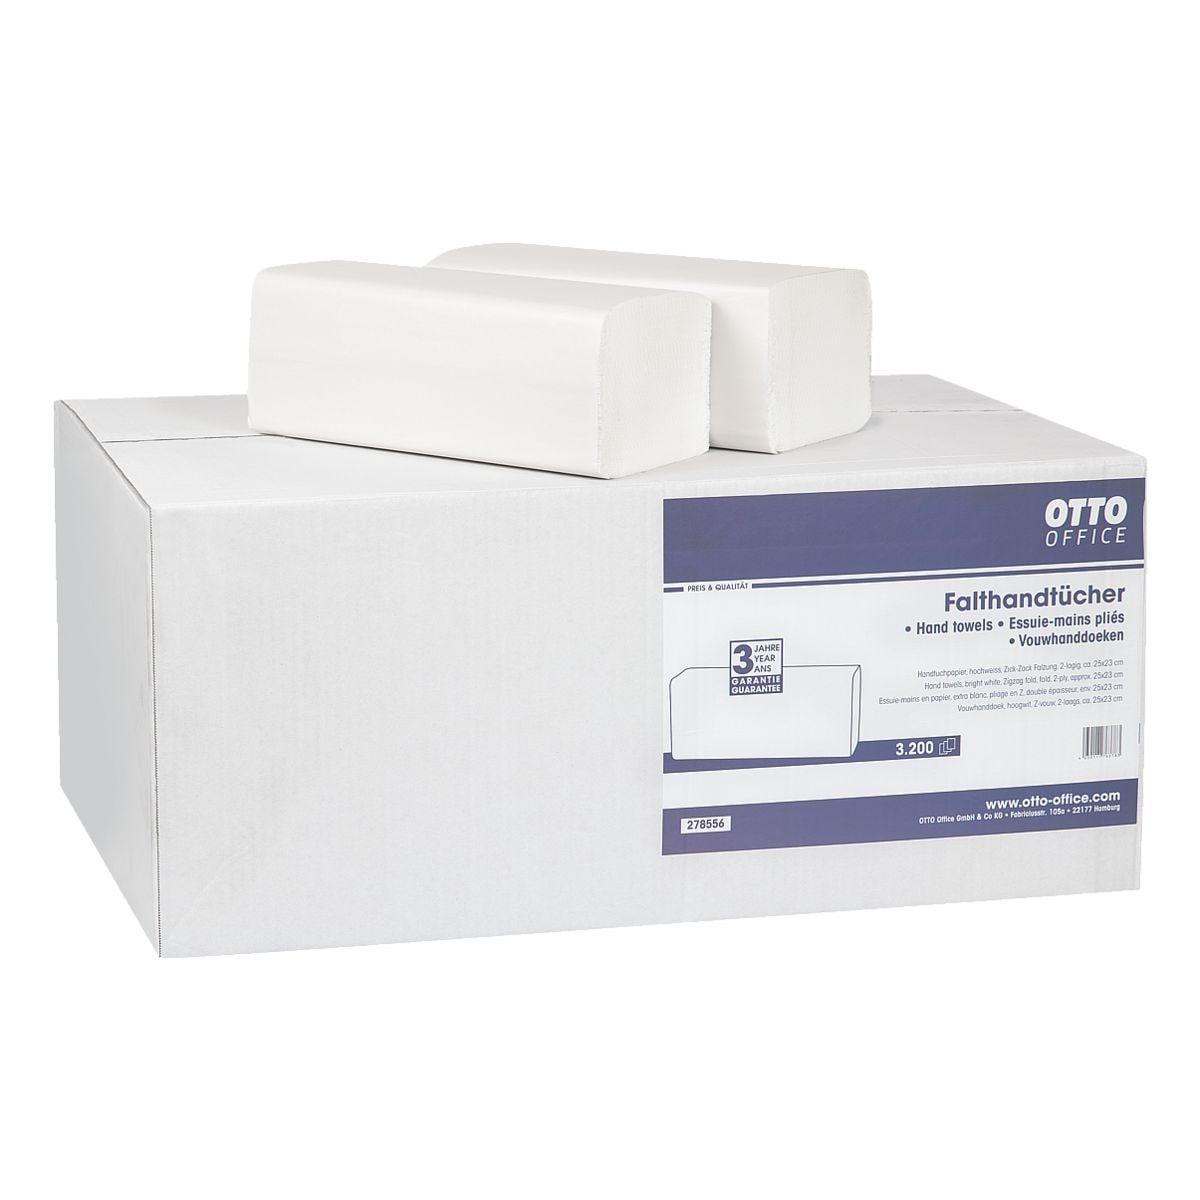 Papierhandtücher OTTO Office 2-lagig, hochweiß, 25 cm x 23 cm aus Tissue mit Z-Falzung - 3200 Blatt gesamt